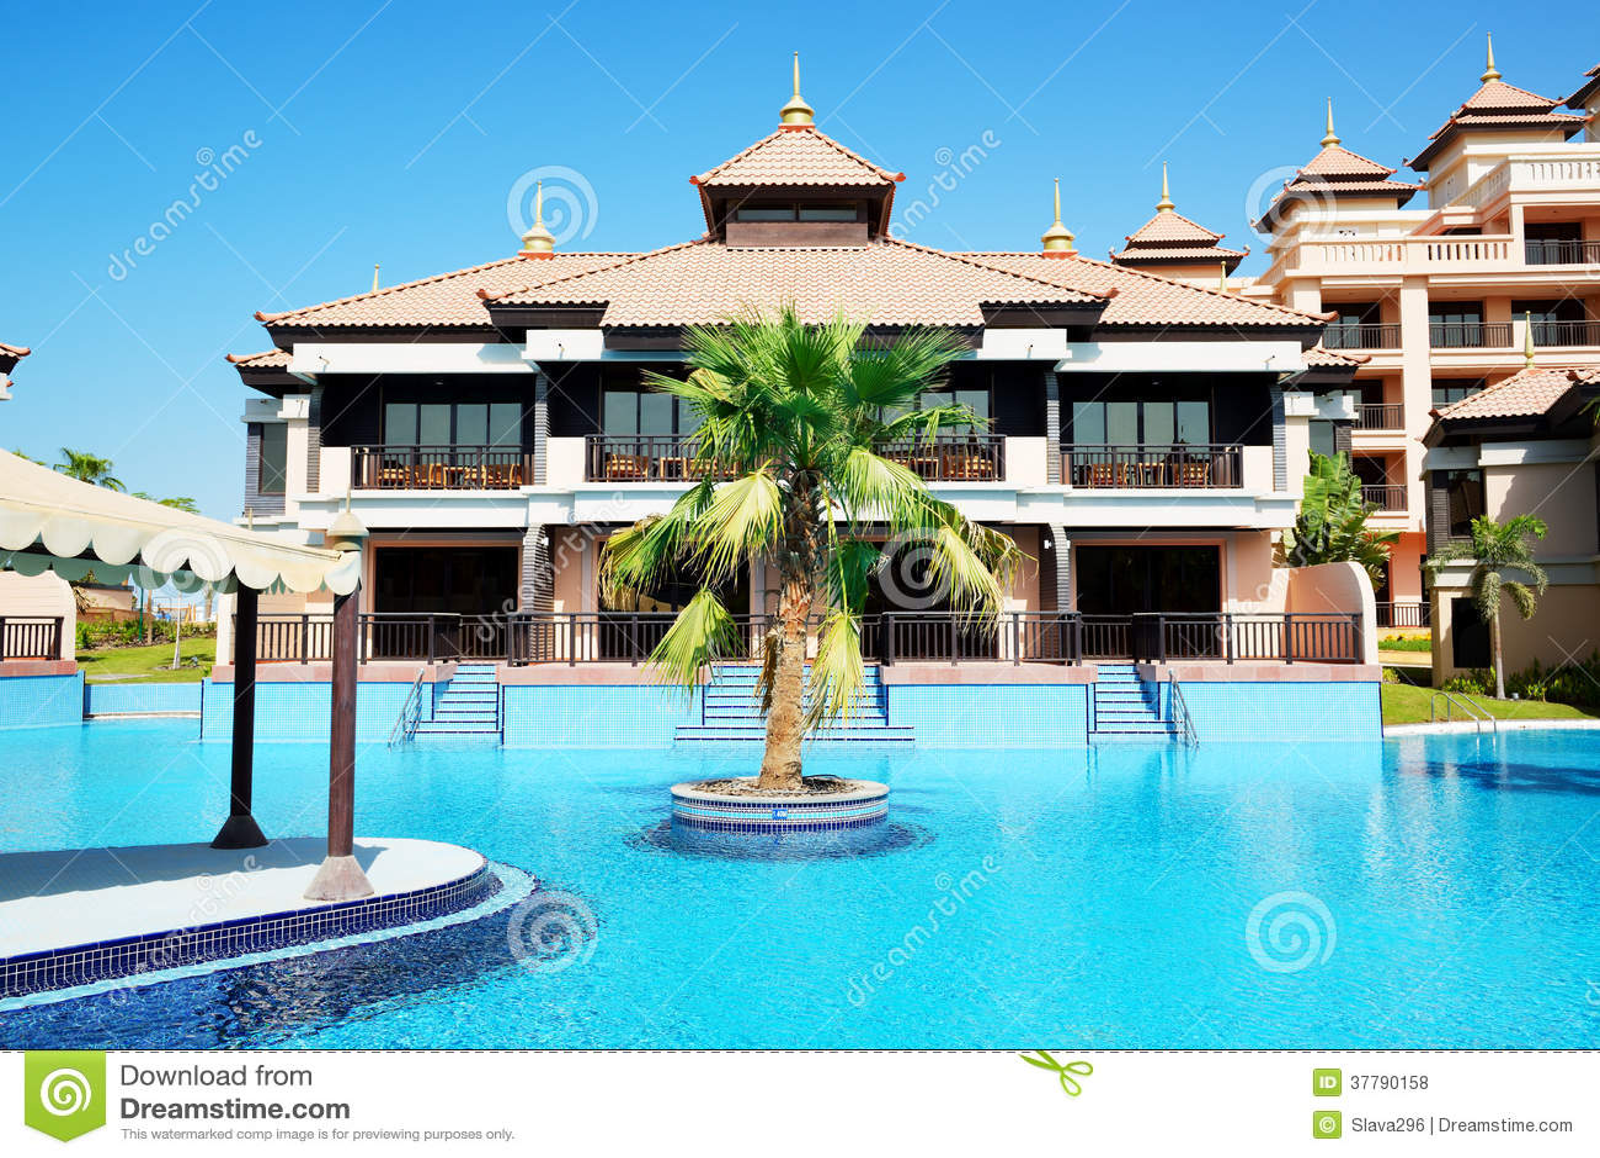 Le ville di lusso nell 39 hotel tailandese di stile sulla for Immagini ville di lusso